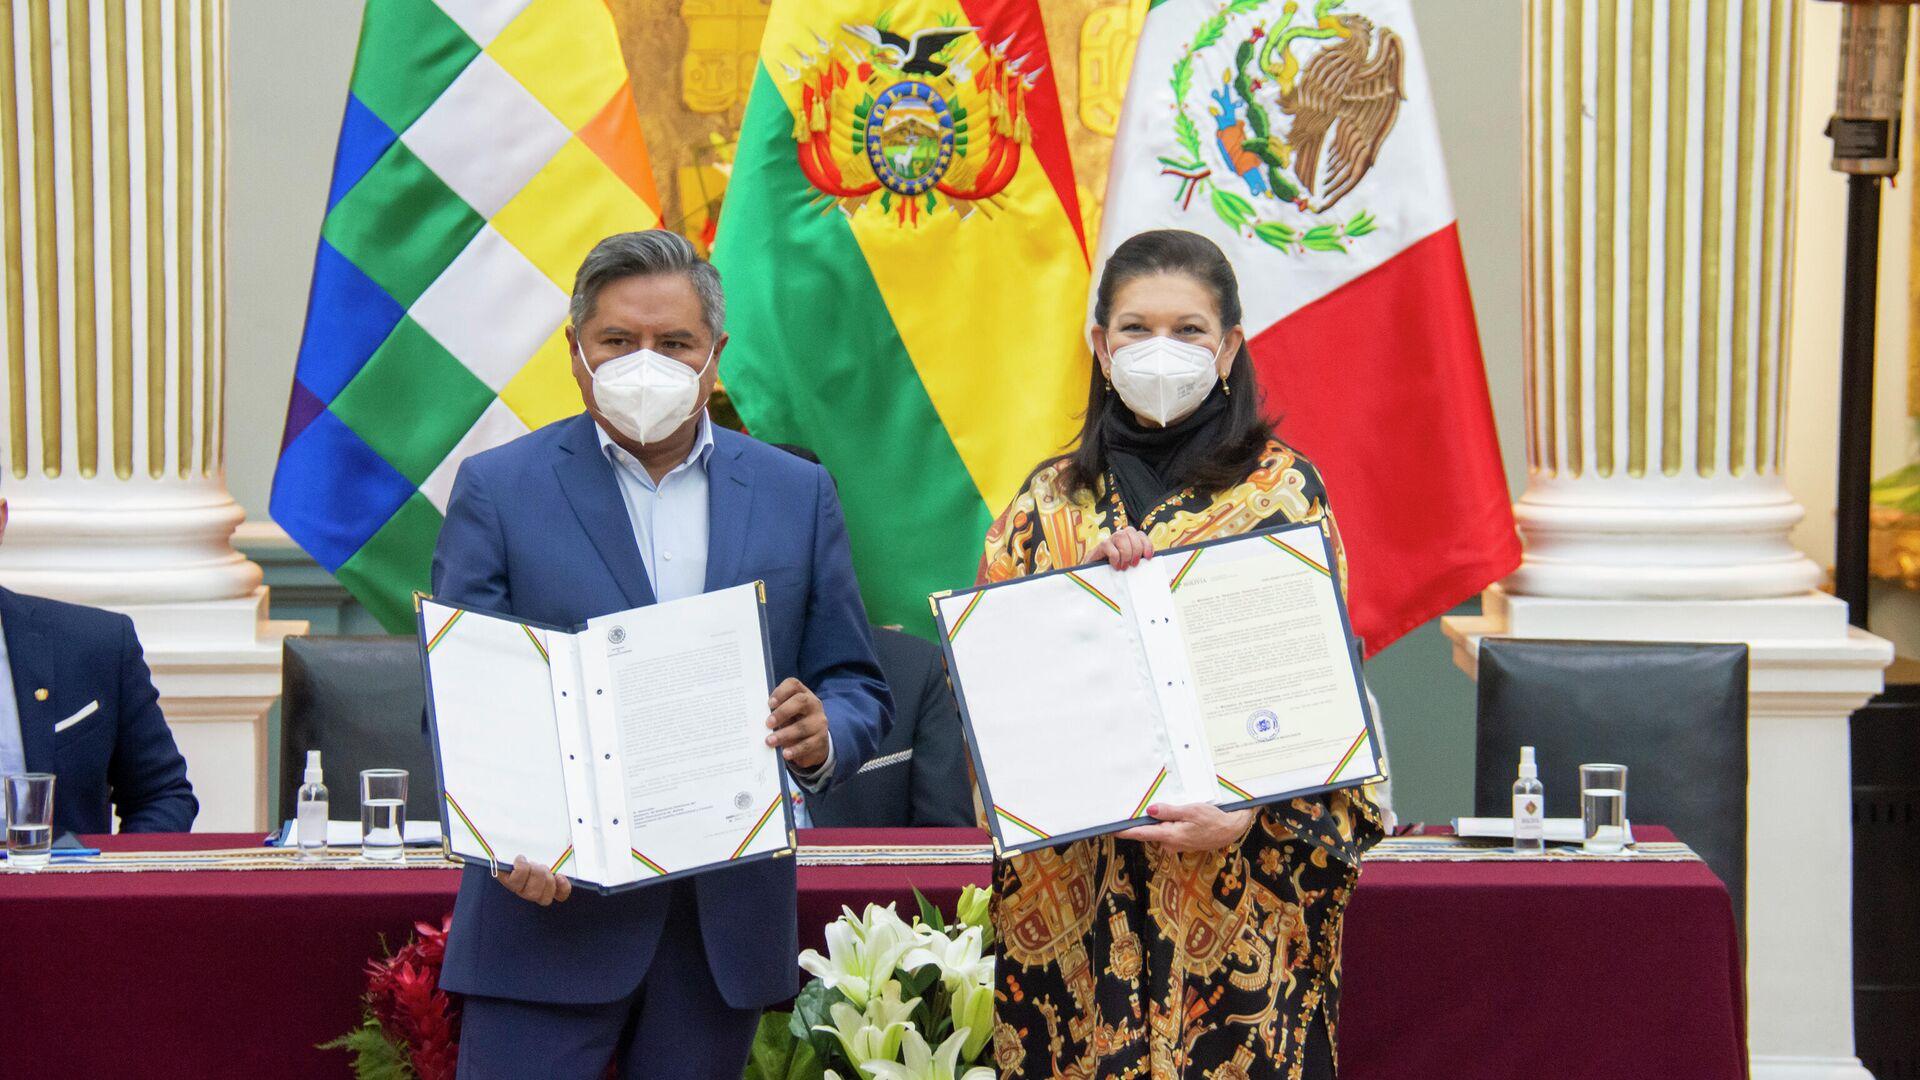 Ministro de Relaciones Exteriores de Bolivia, Rogelio Mayta, y la embajadora mexicana en Bolivia María Teresa Mercado - Sputnik Mundo, 1920, 20.05.2021